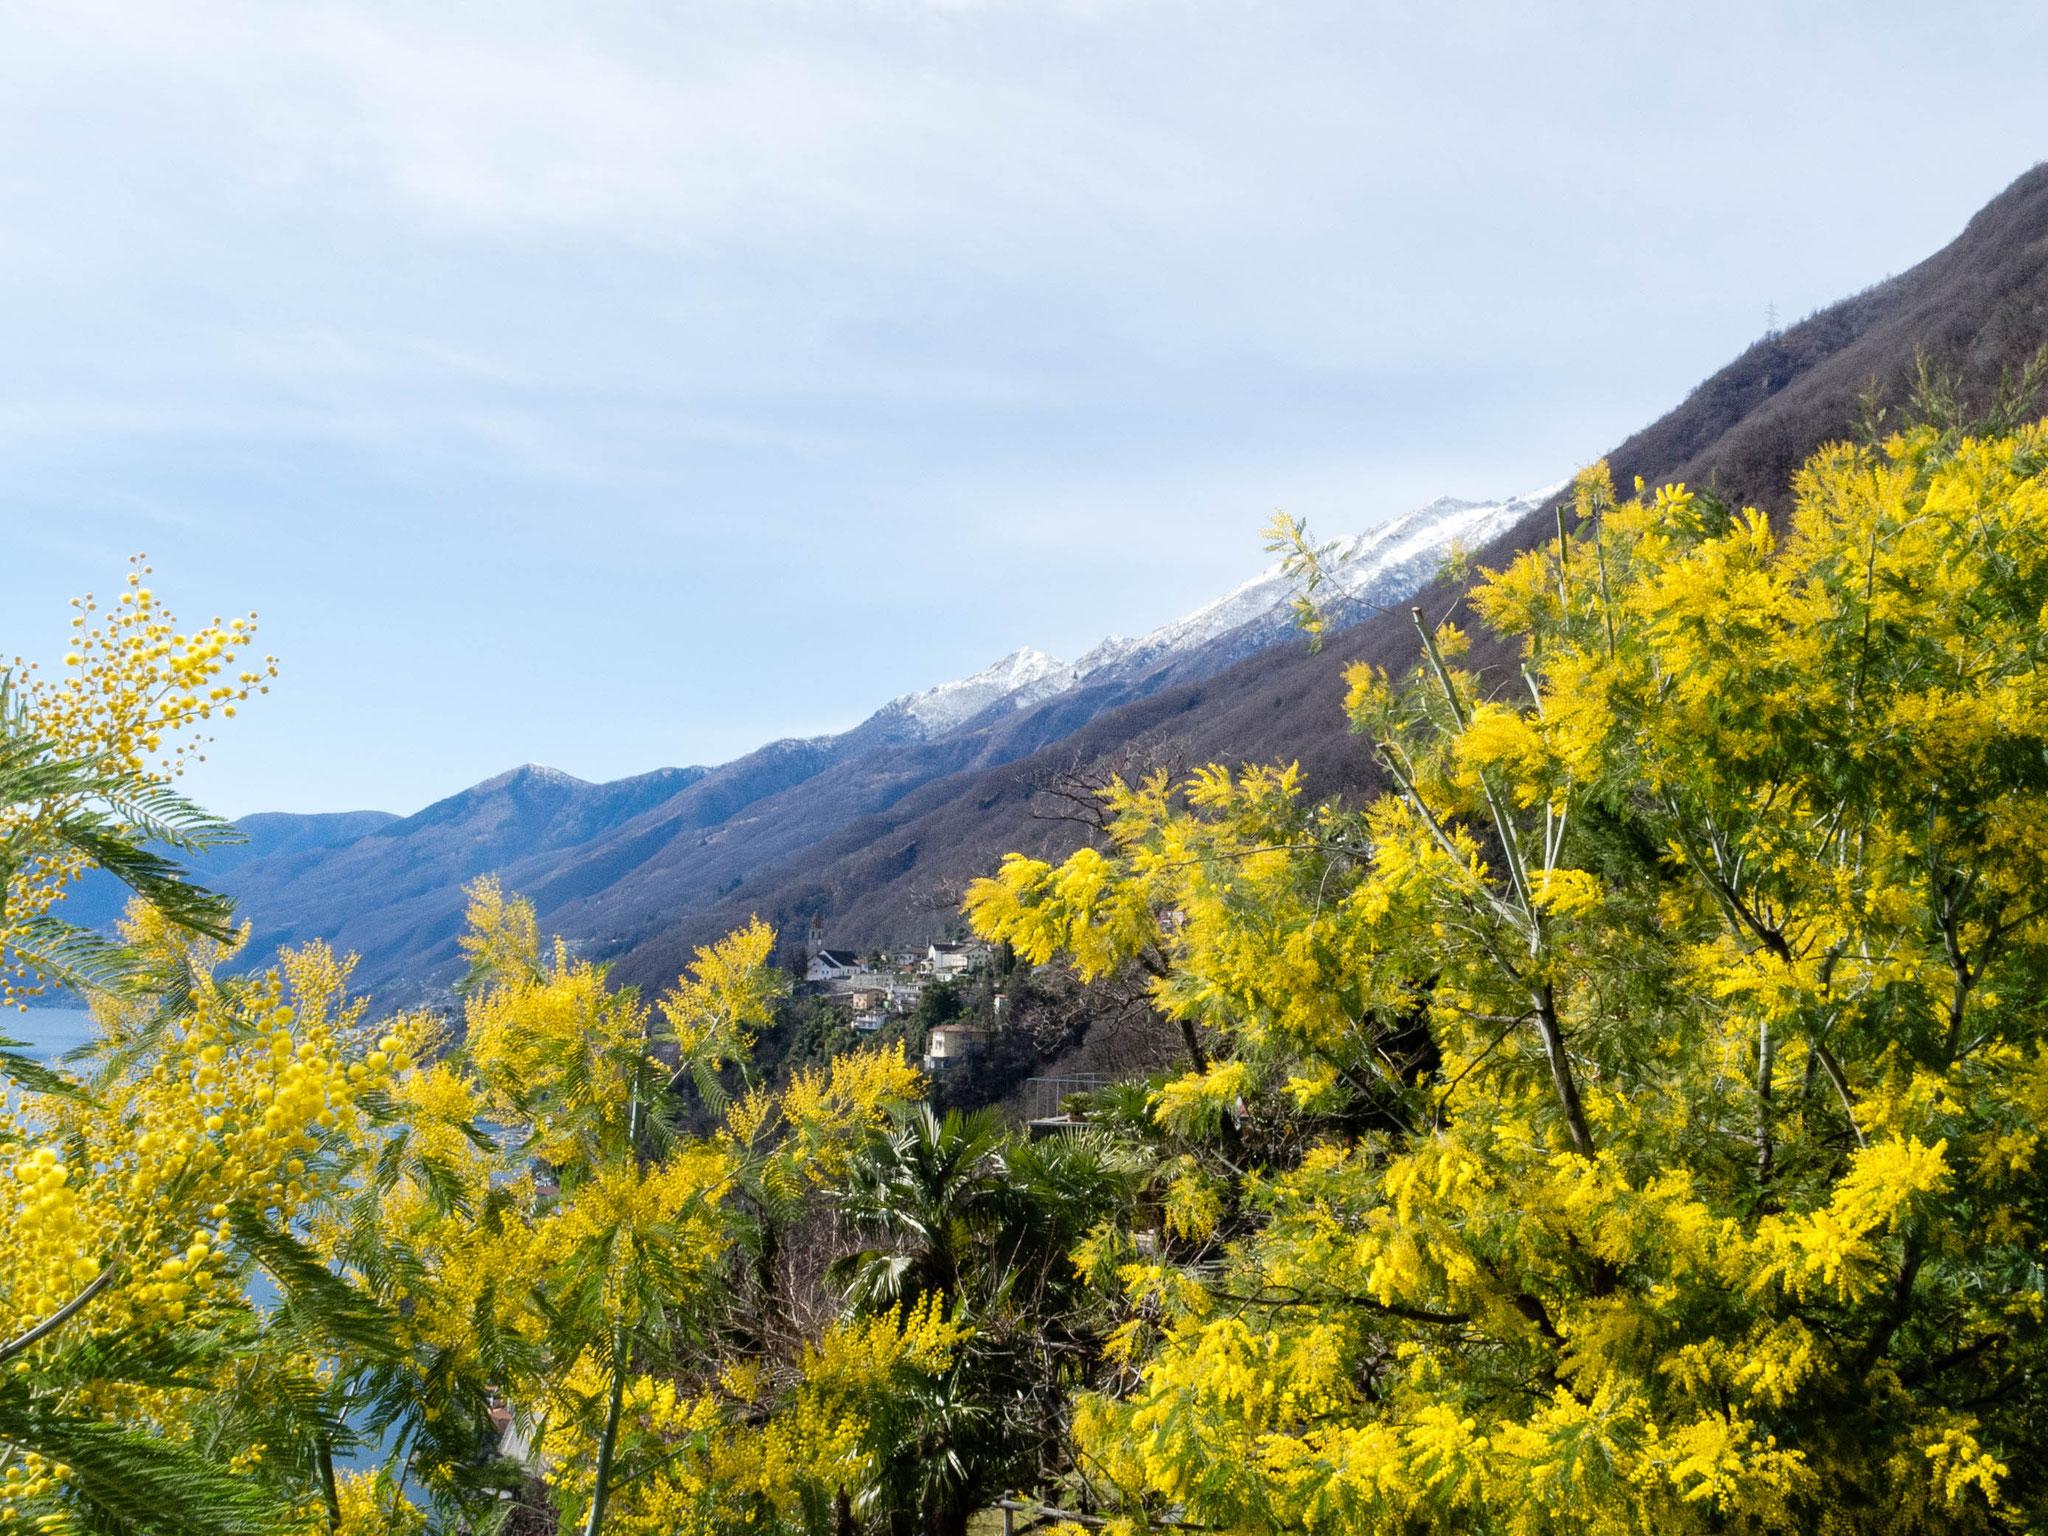 Frühling mit Mimosenblüte im Tessin